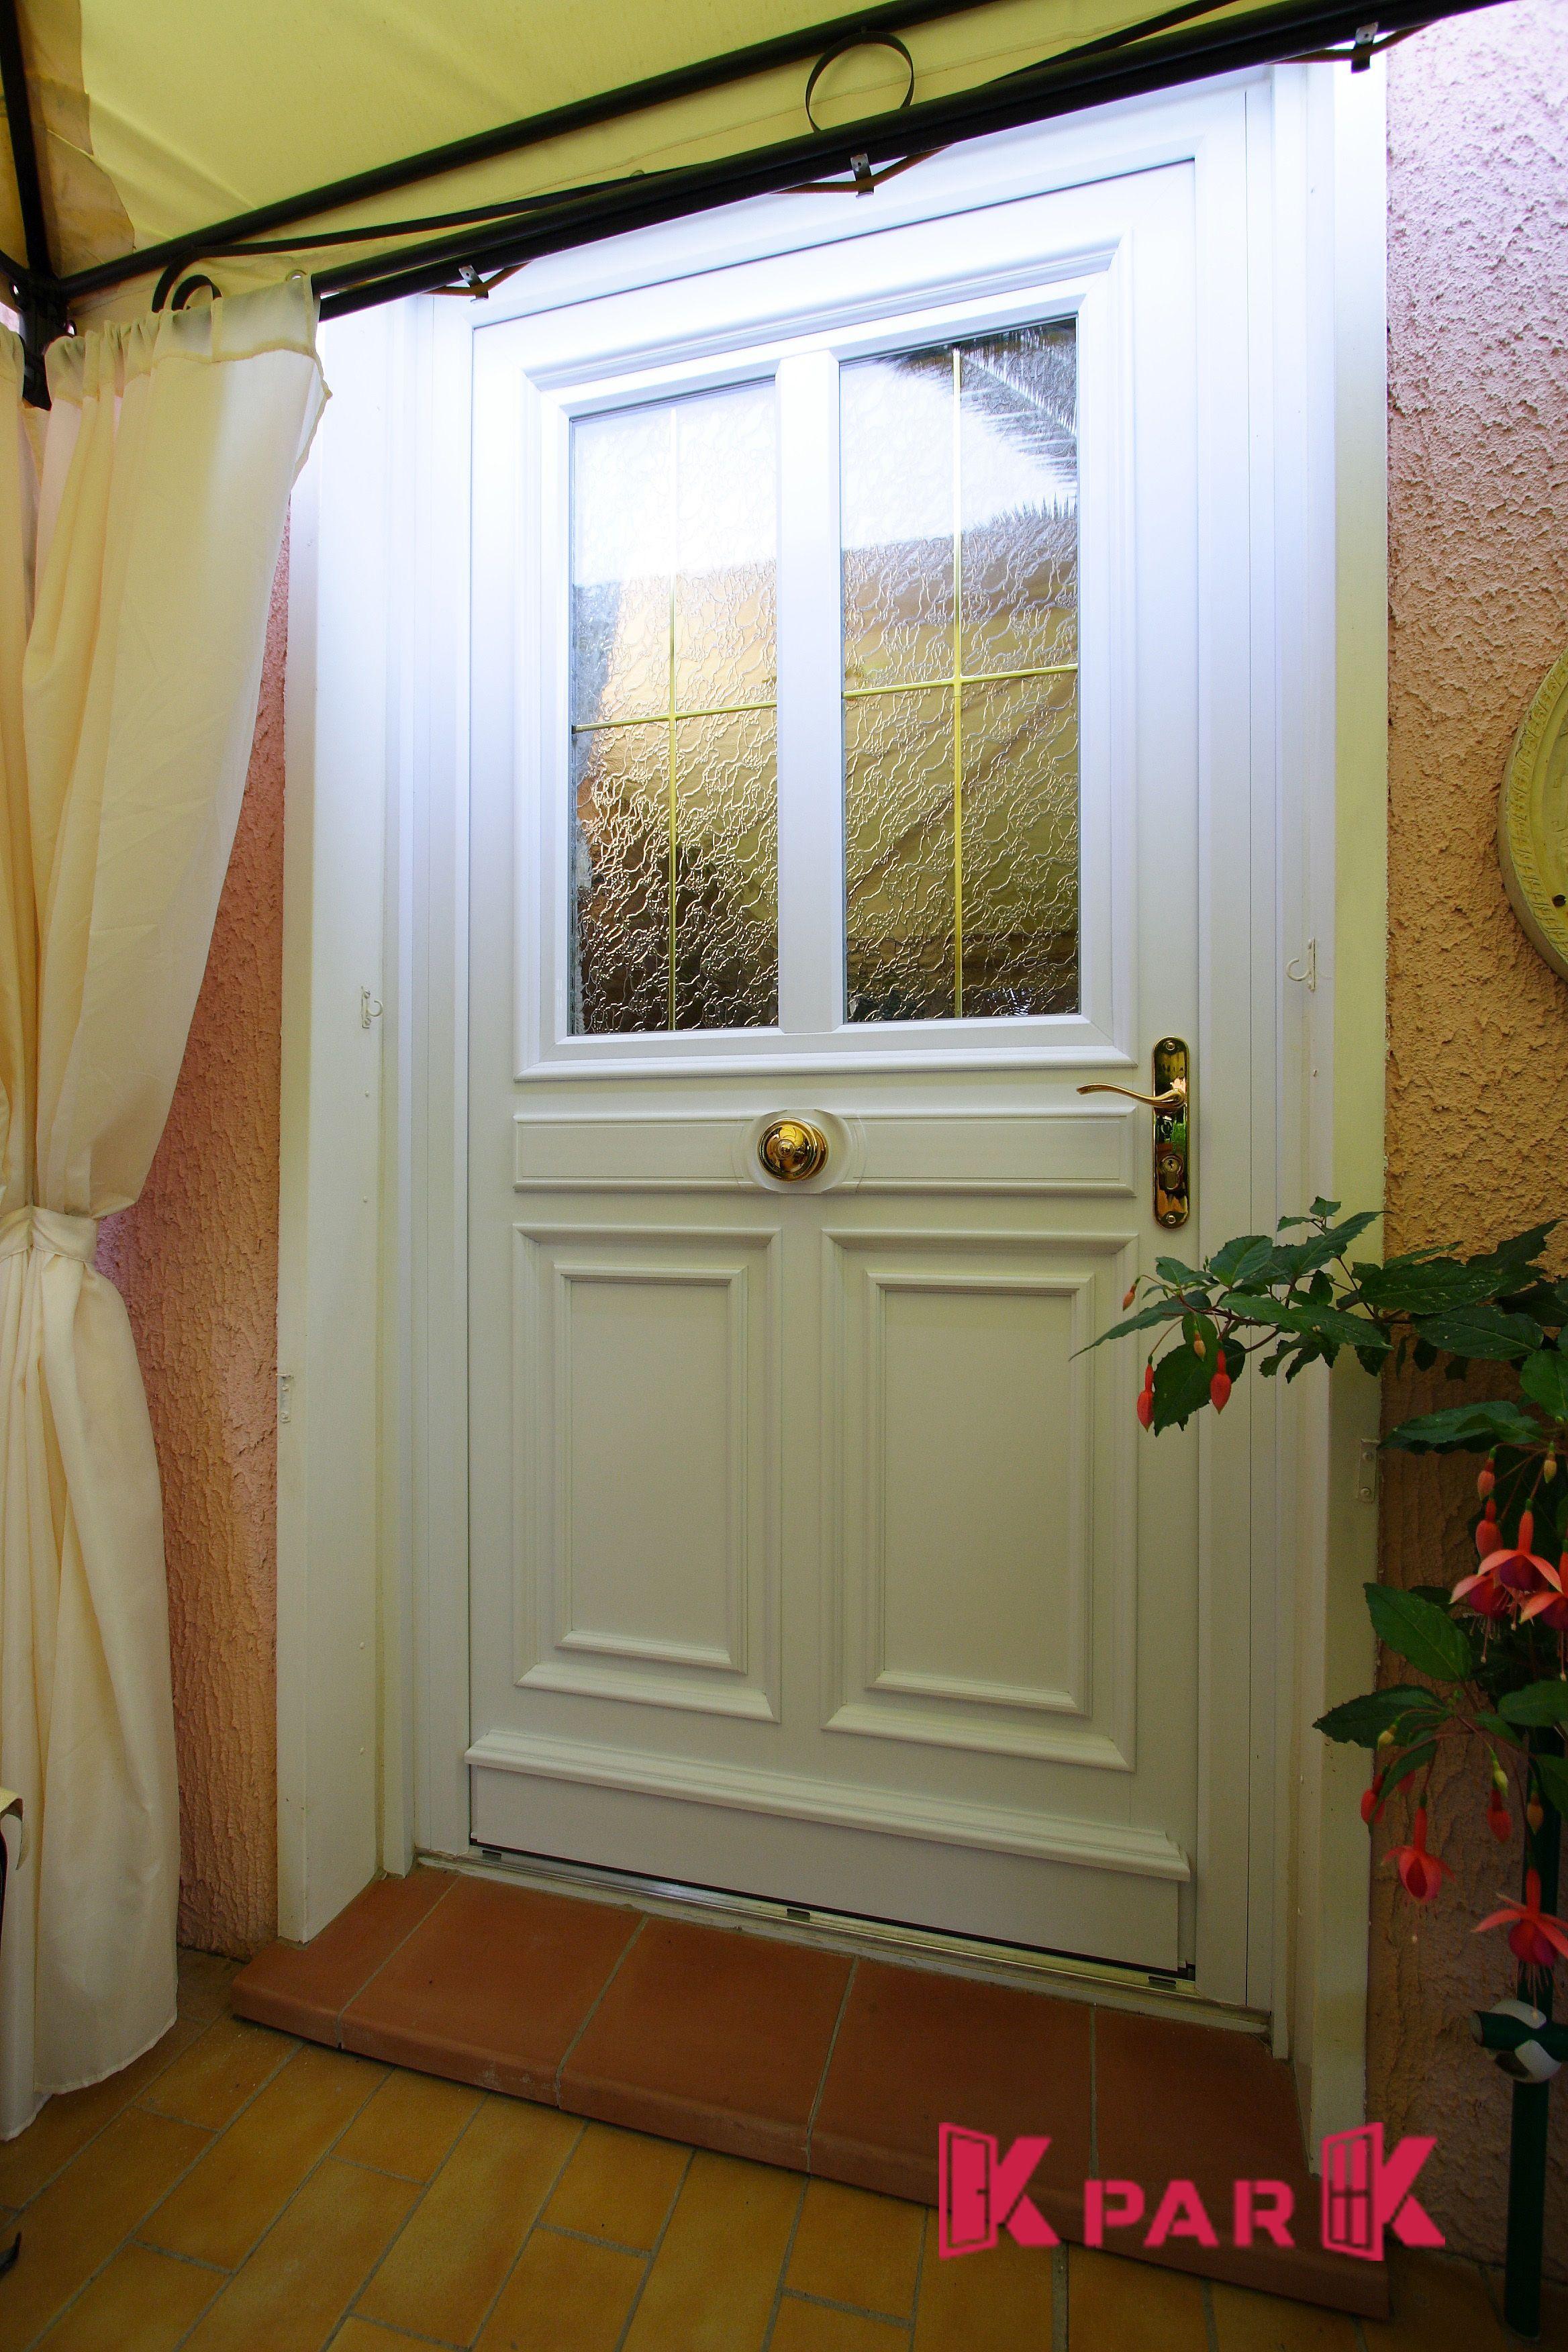 Comment Peindre Une Porte En Pvc porte d'entrée pvc vitrée, gamme corot   porte entree pvc